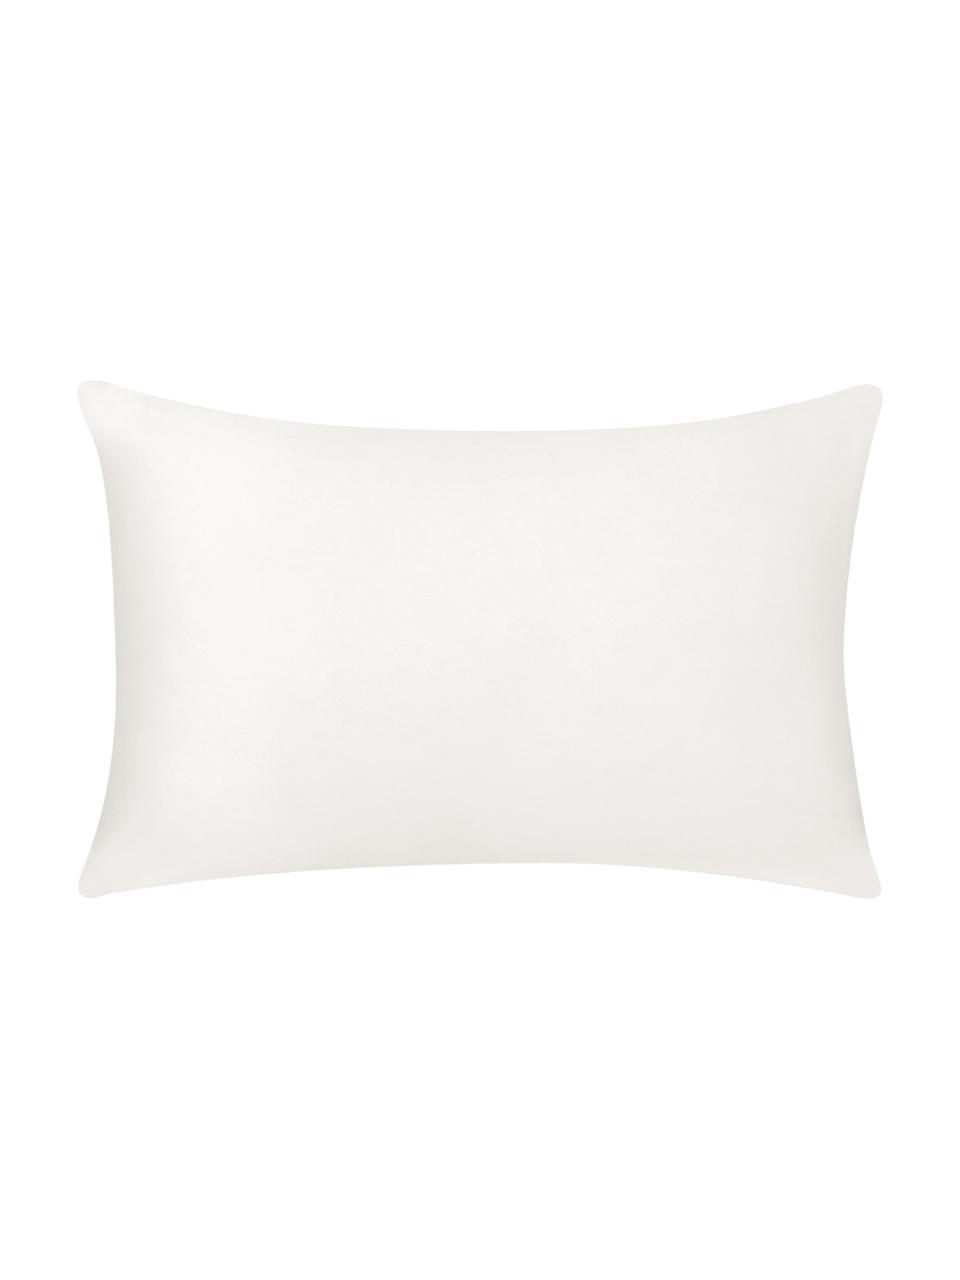 Baumwoll-Kissenhülle Mads in Weiß, 100% Baumwolle, Cremeweiß, 30 x 50 cm